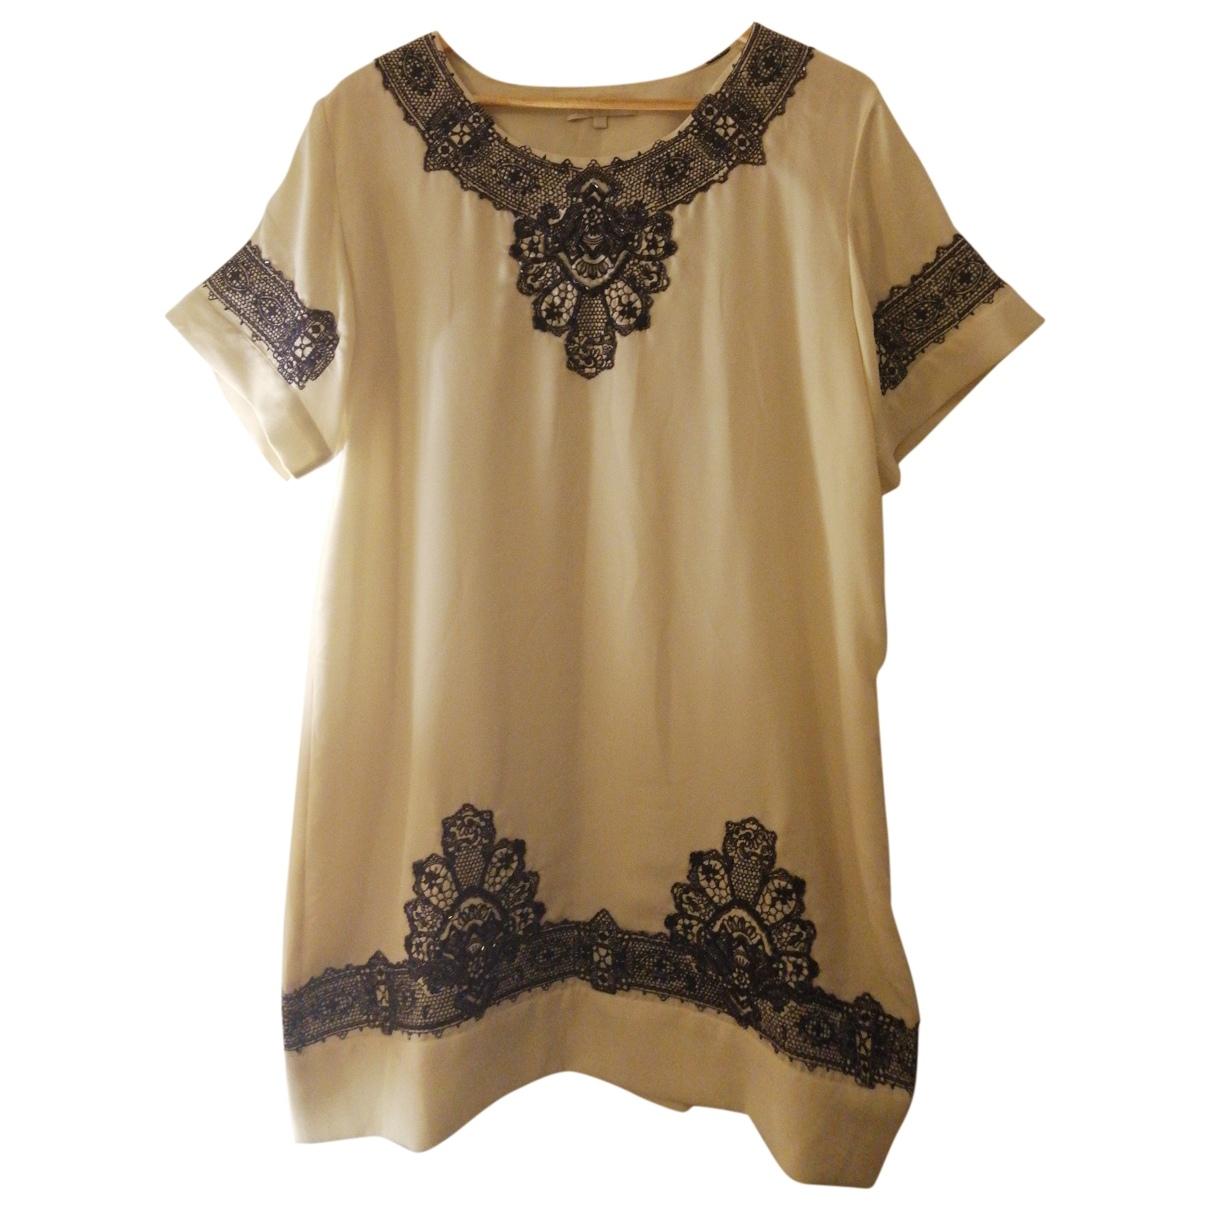 Anthropologie \N Kleid in  Ecru Polyester